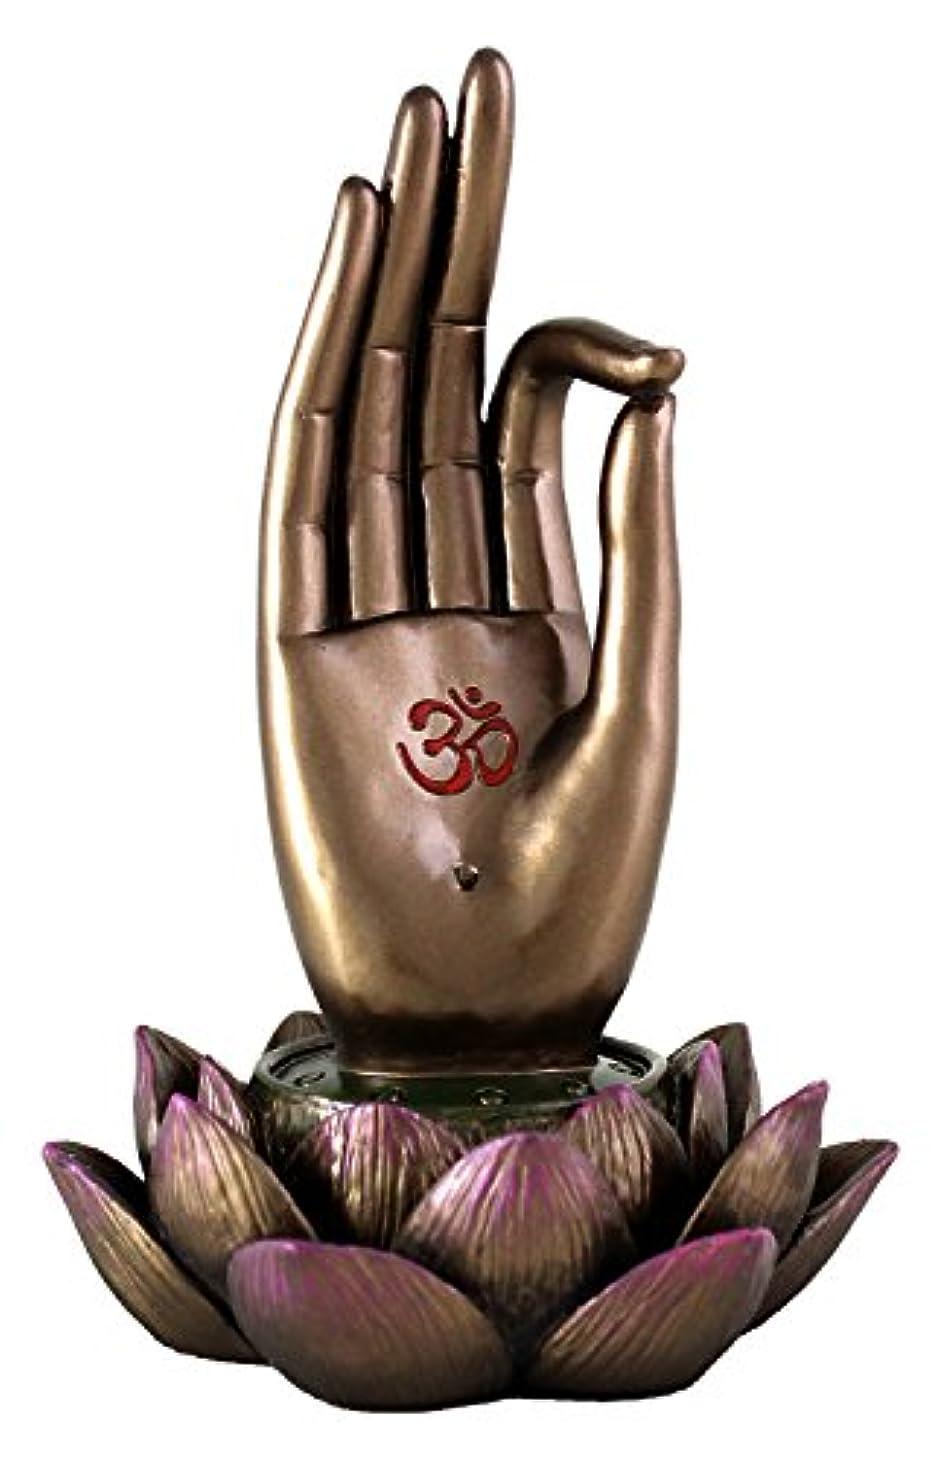 嘆願カード活気づけるBuddha Hand and Lotus Flower Vitarka Mudra Incense Holder Incense Burner